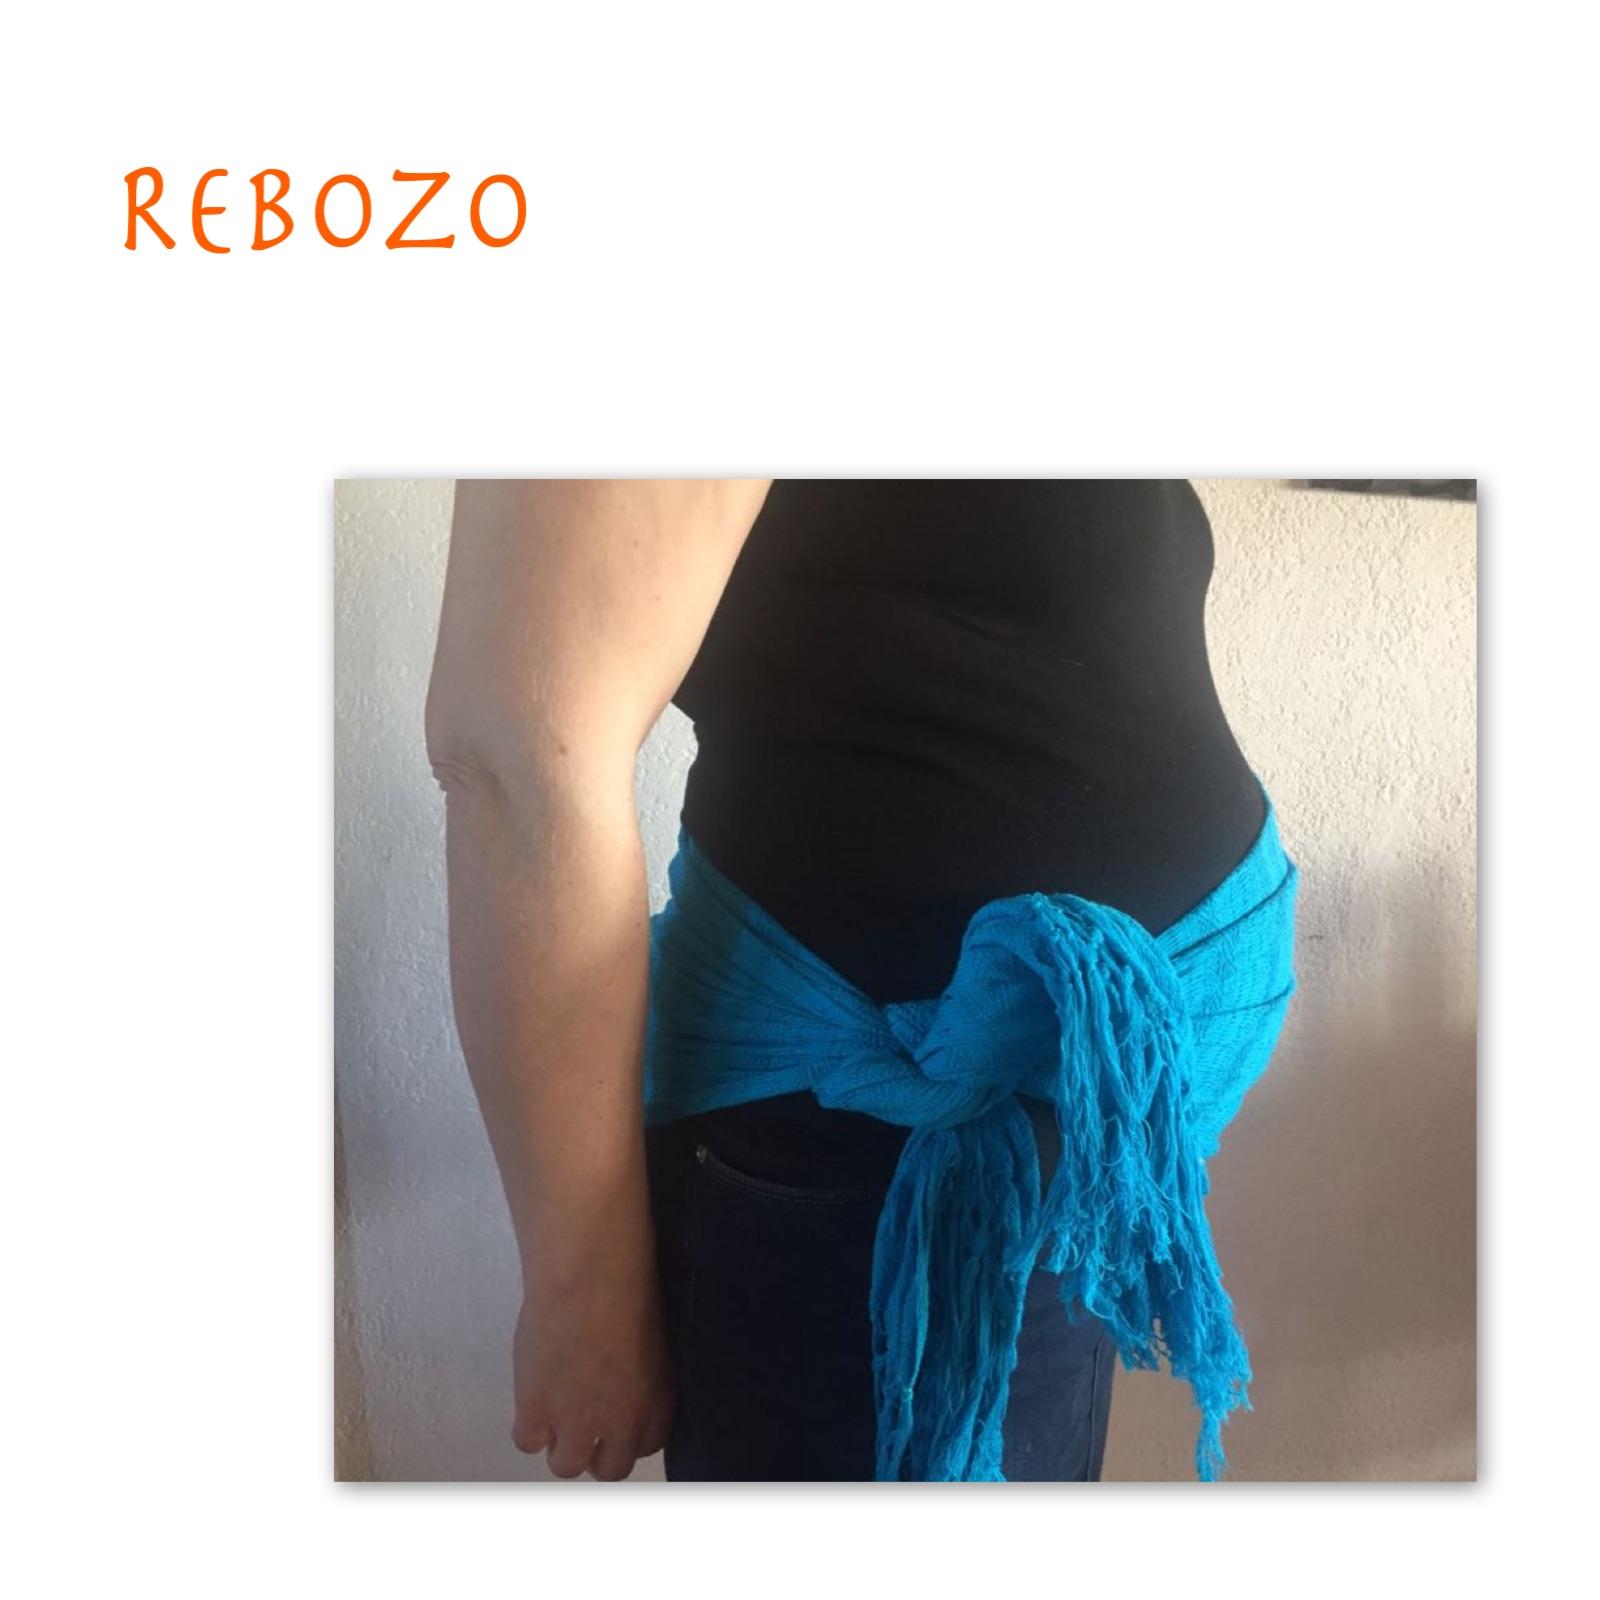 Rebozo